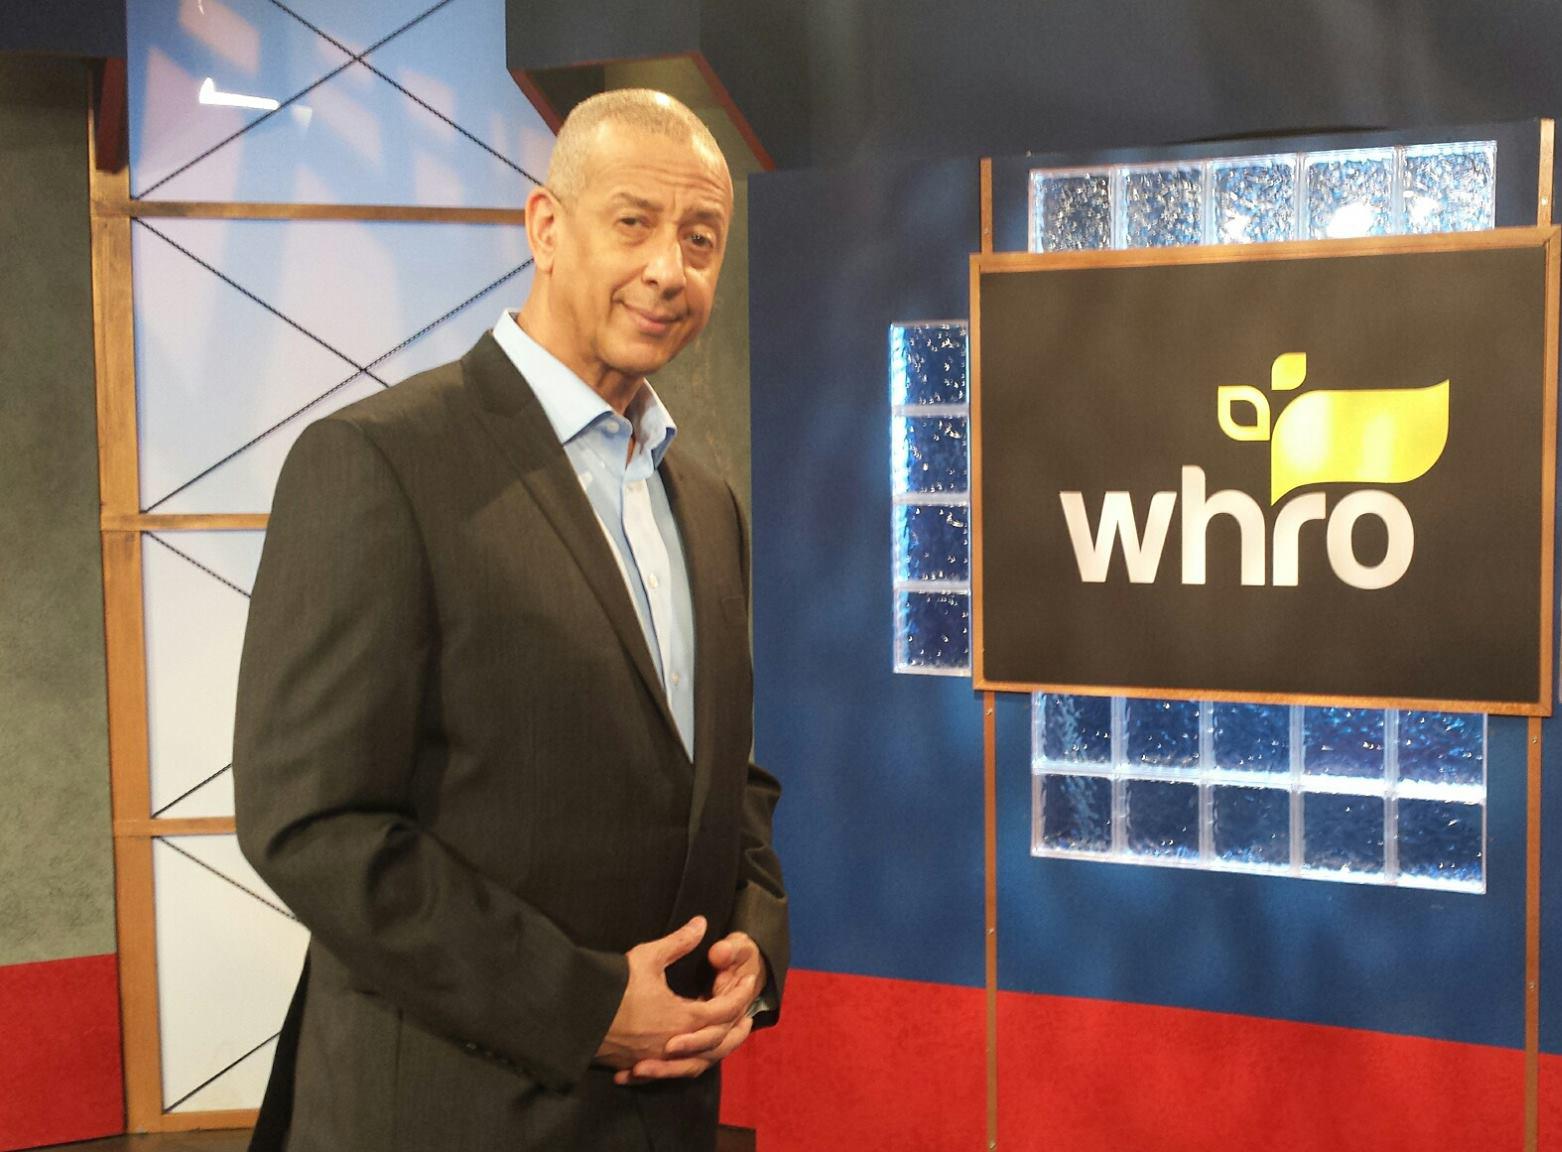 Jae Sinnett promoting a fundraiser for WHRO-TV 15